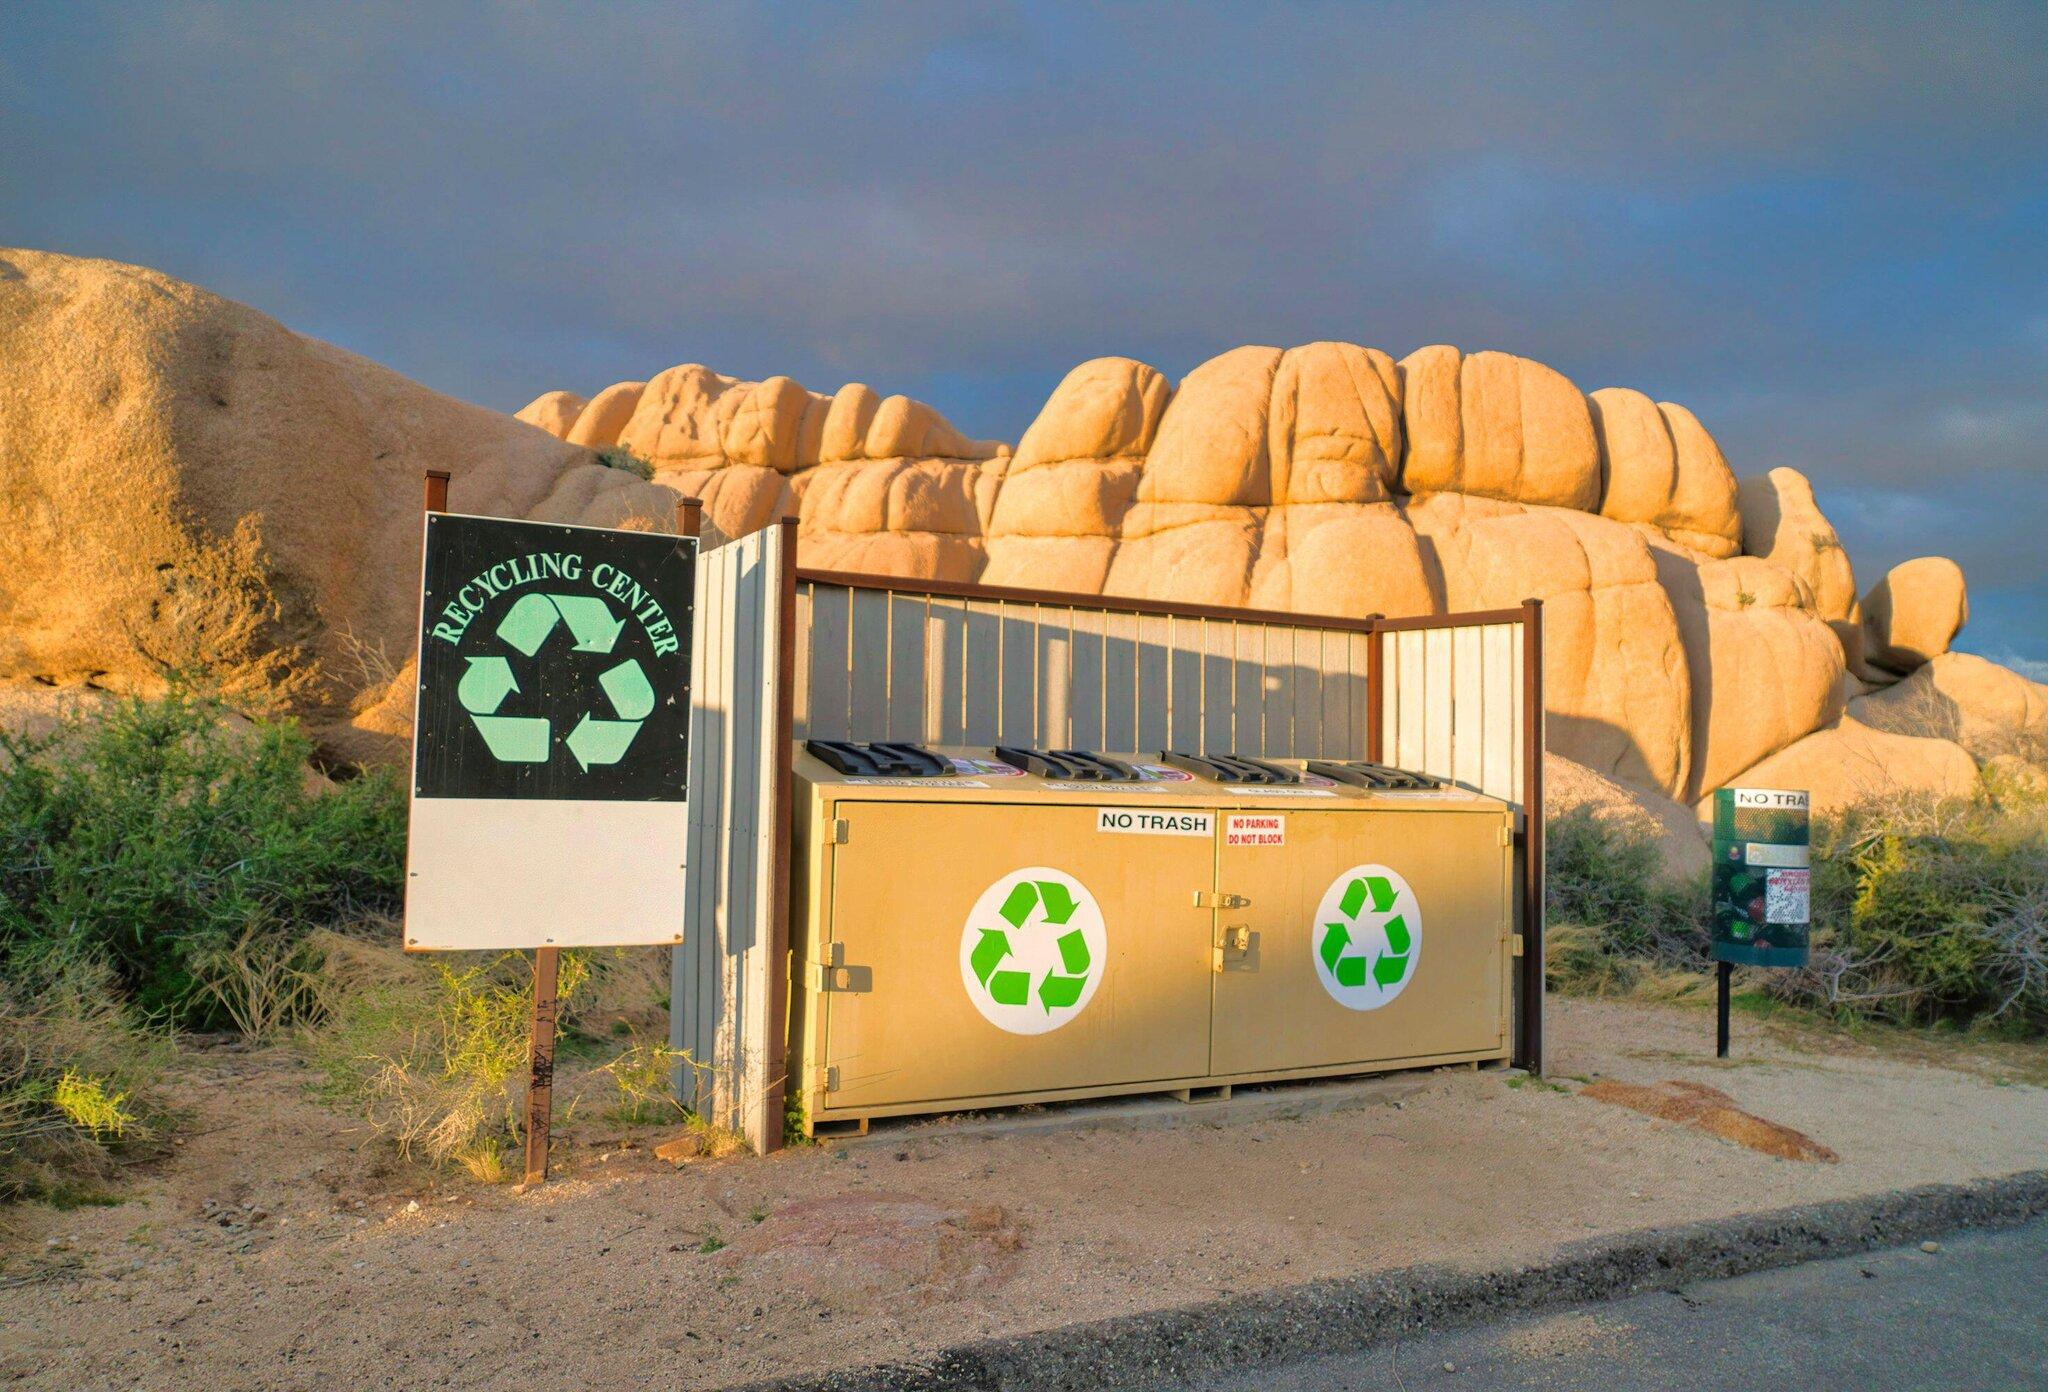 Thùng đựng đồ tái chế tại Vườn quốc gia Joshua Tree, bang California. Ảnh: NYT